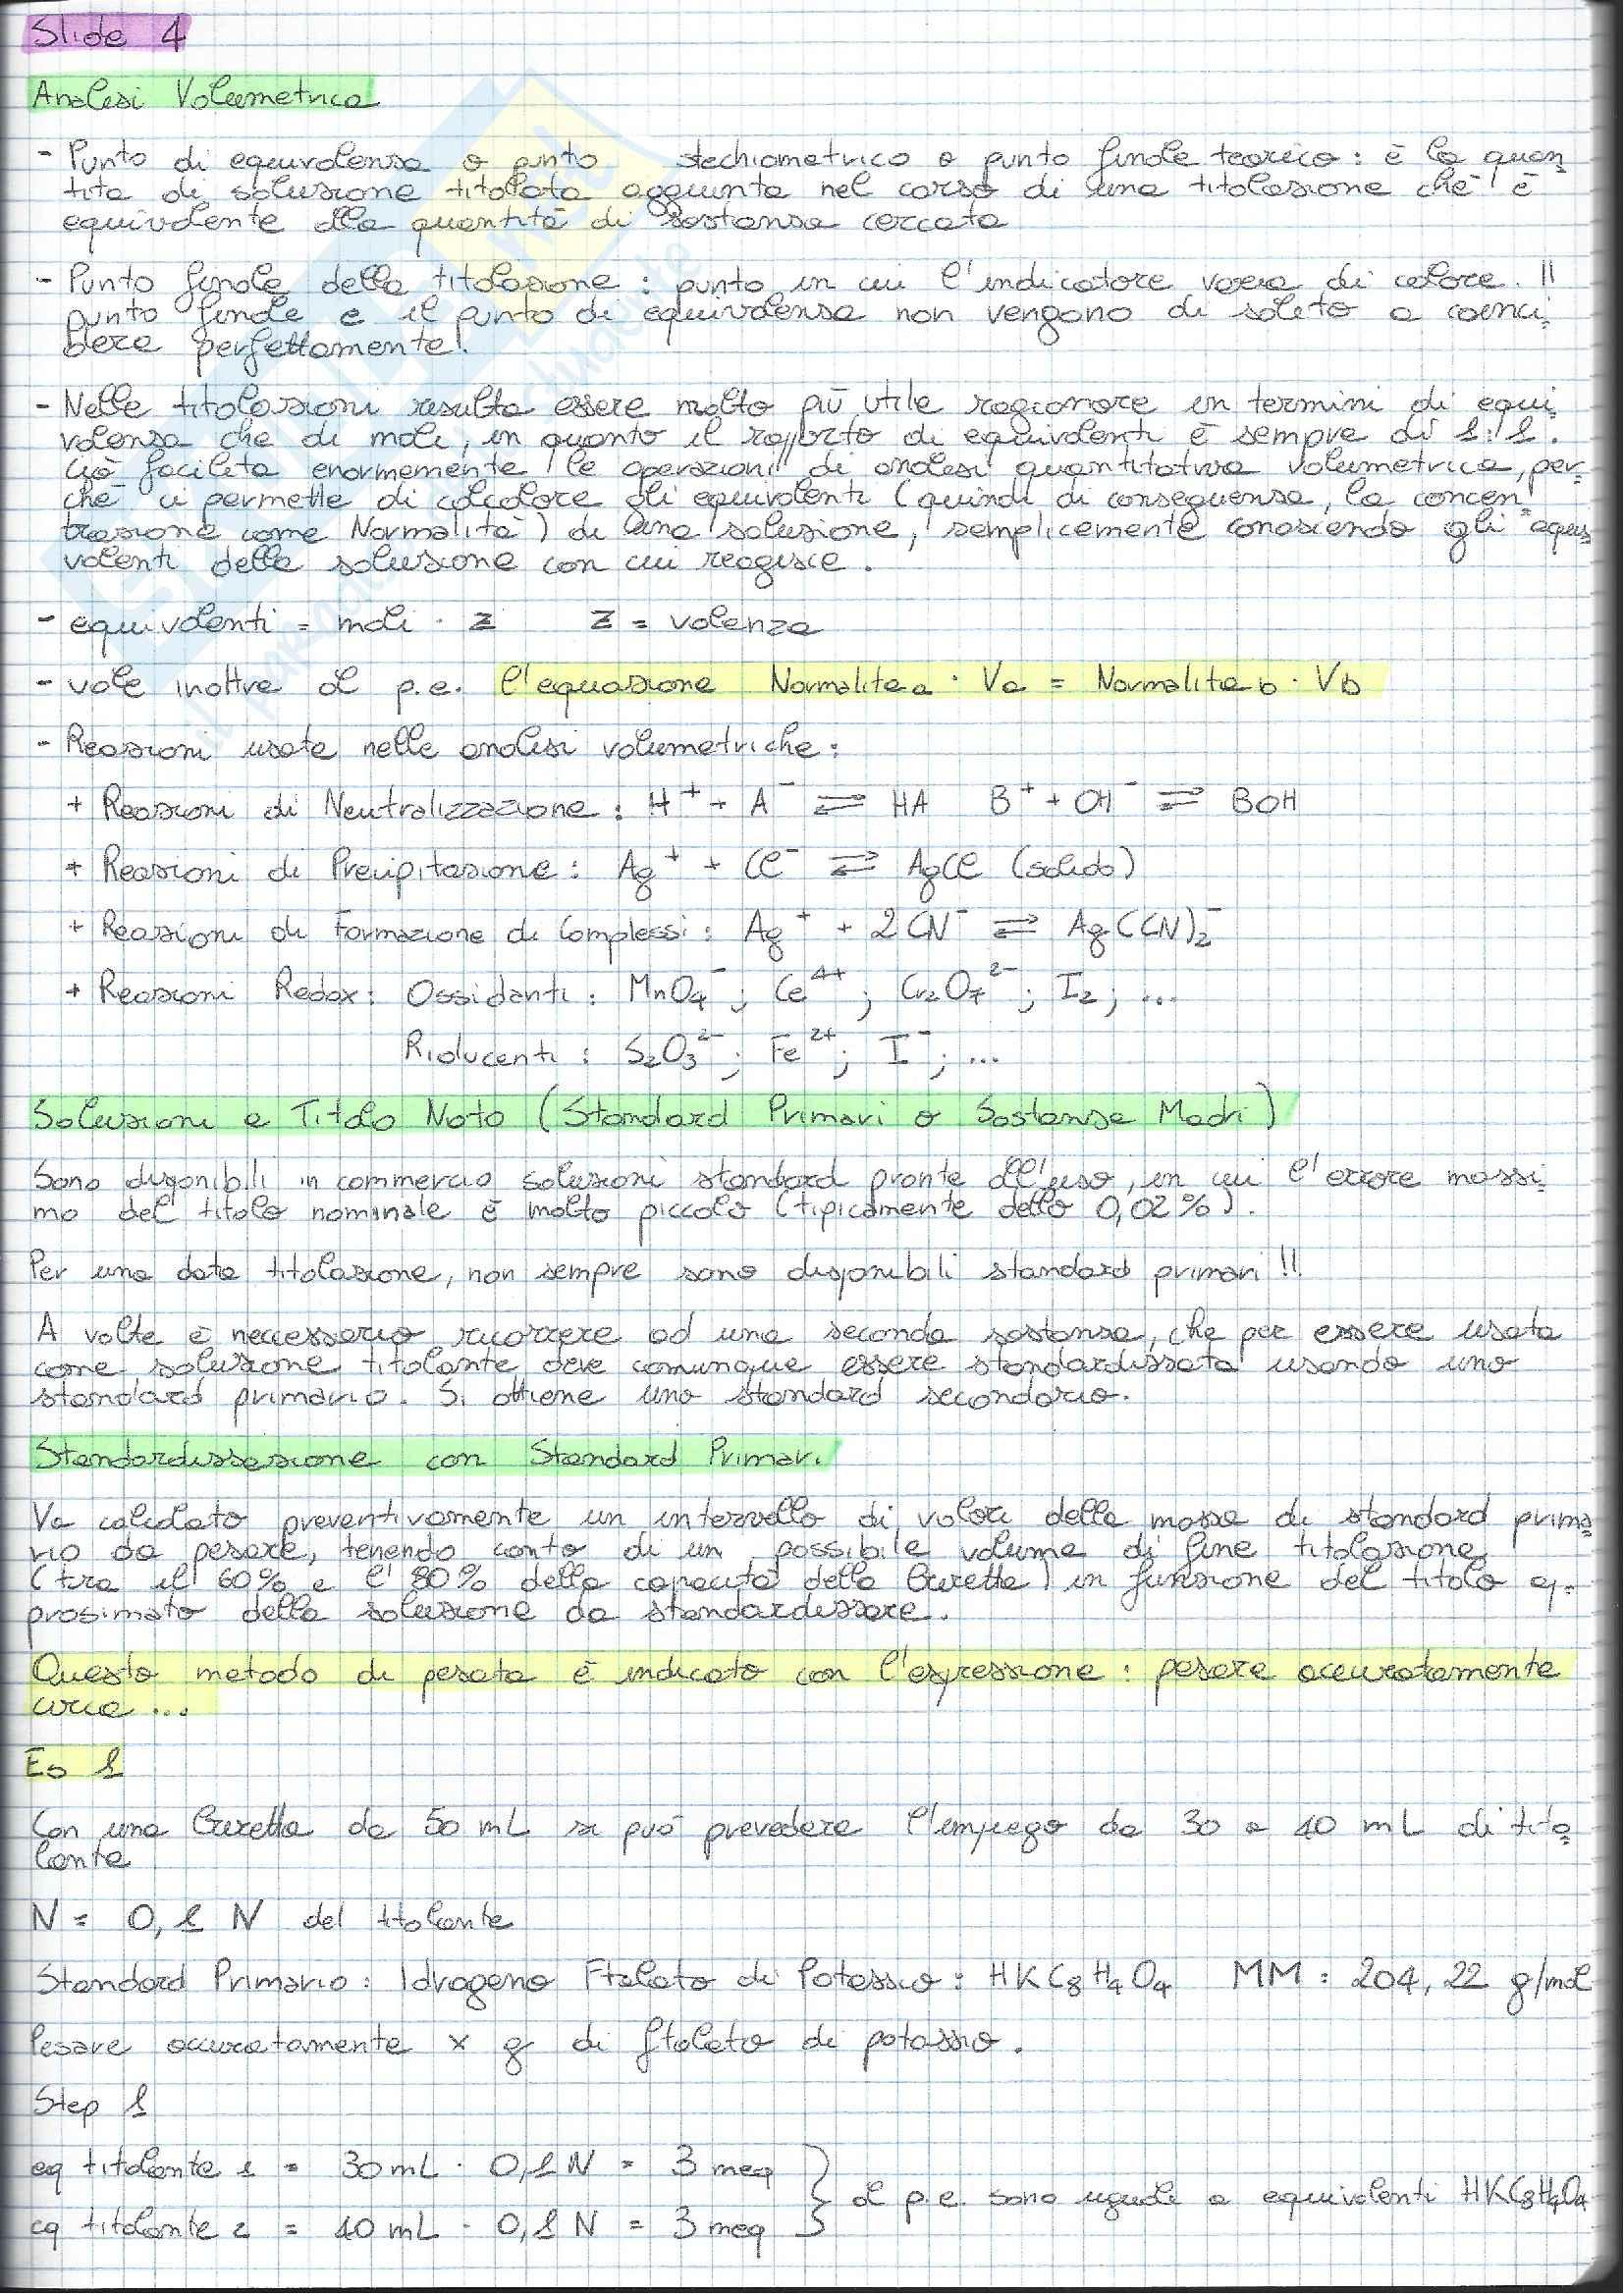 01 e 08 - Analisi Chimico Tossicologica 1 - Esercizi Pag. 11